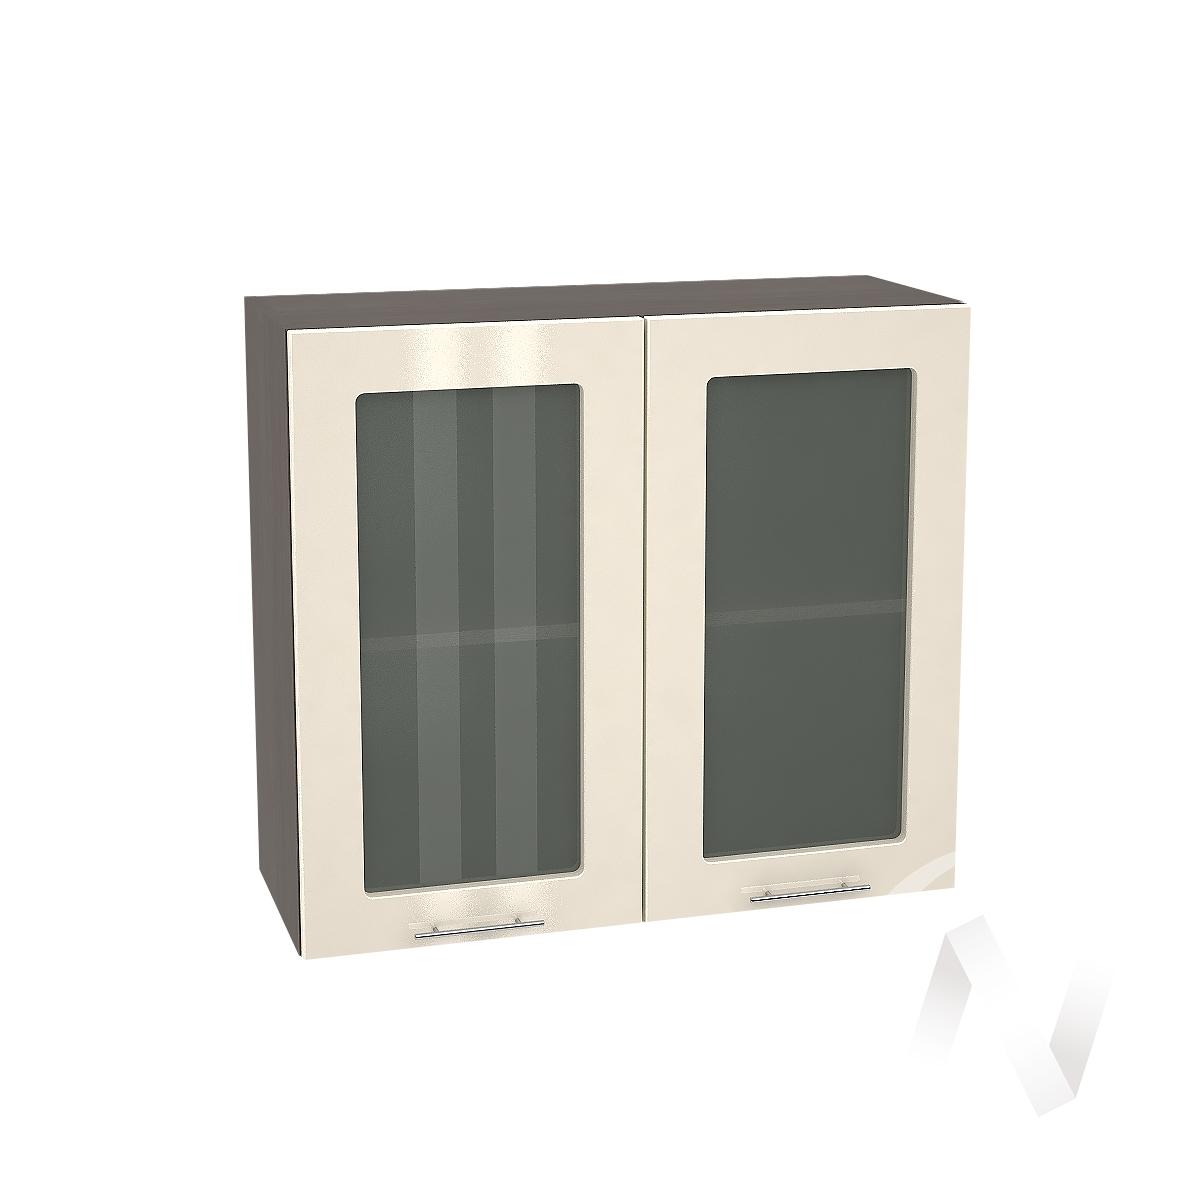 """Кухня """"Валерия-М"""": Шкаф верхний со стеклом 800, ШВС 800 новый (Ваниль глянец/корпус венге)"""